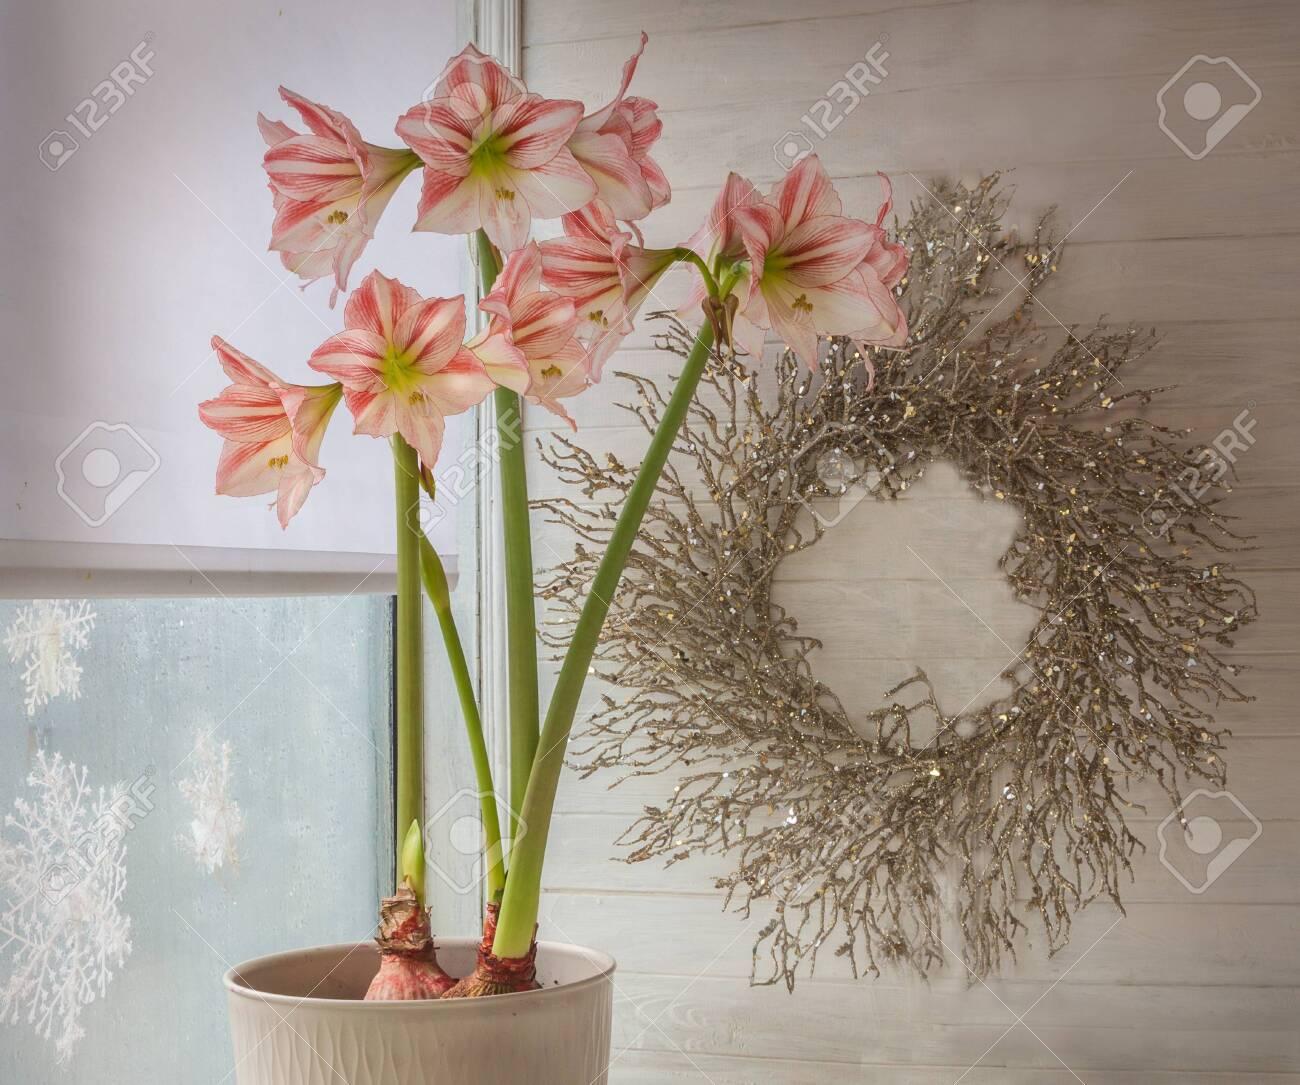 Fairytale wreath